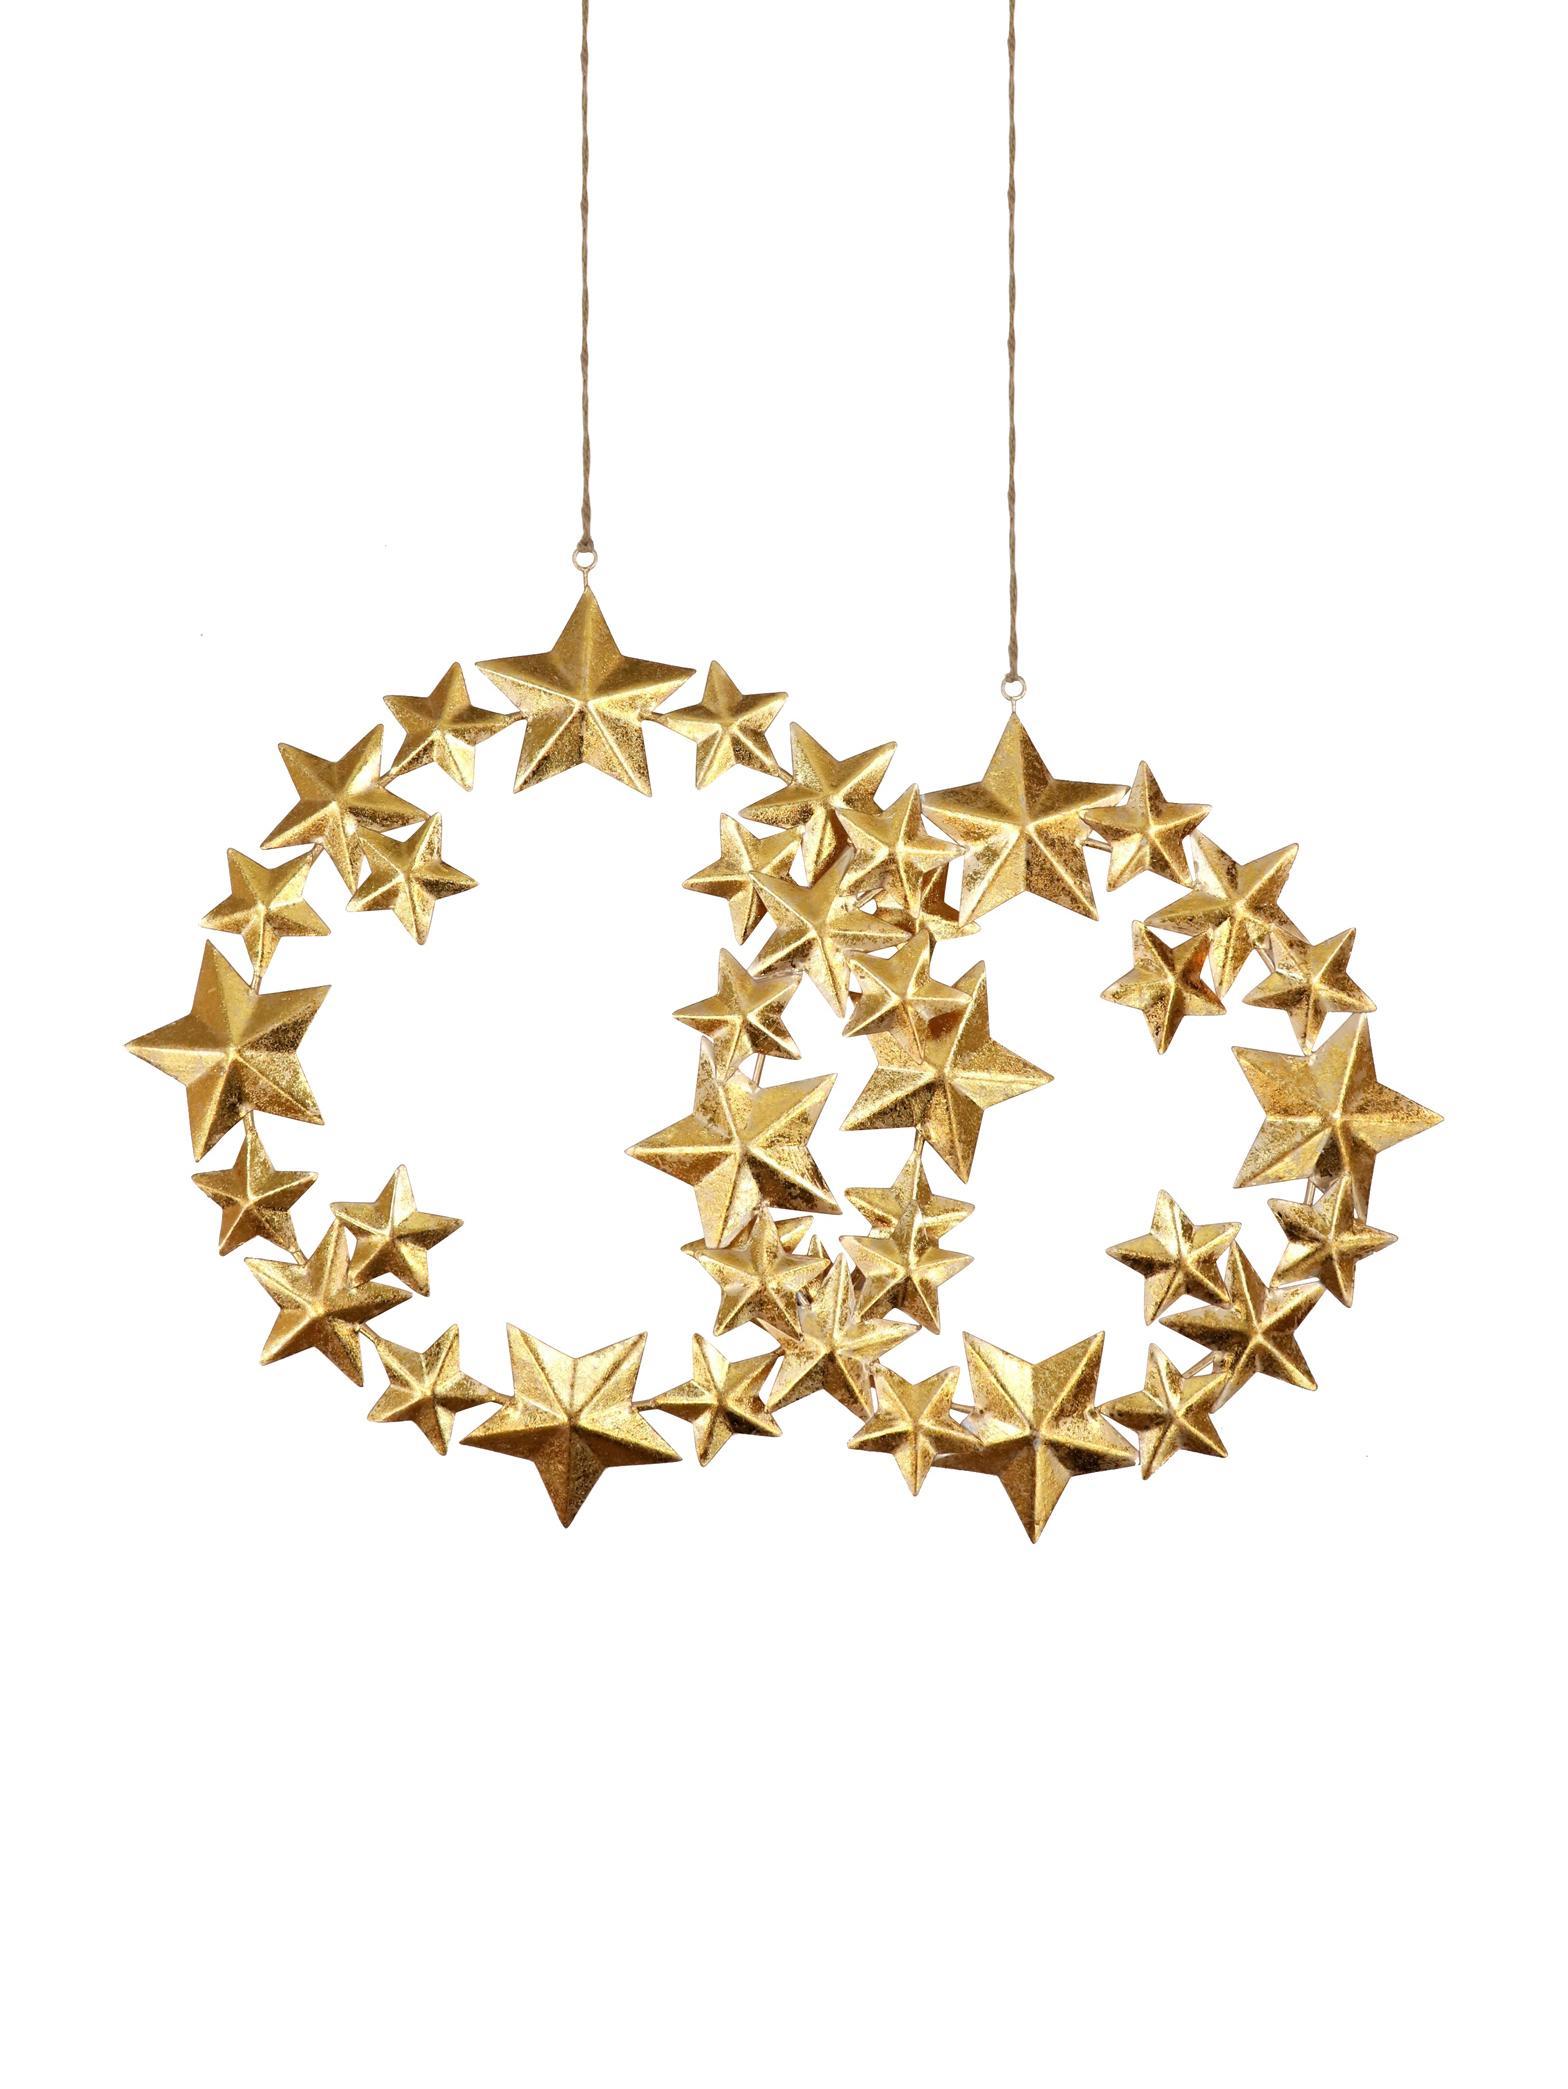 Set 2 ciondoli decorativi Stars, Metallo rivestito, Dorato, Set in varie misure